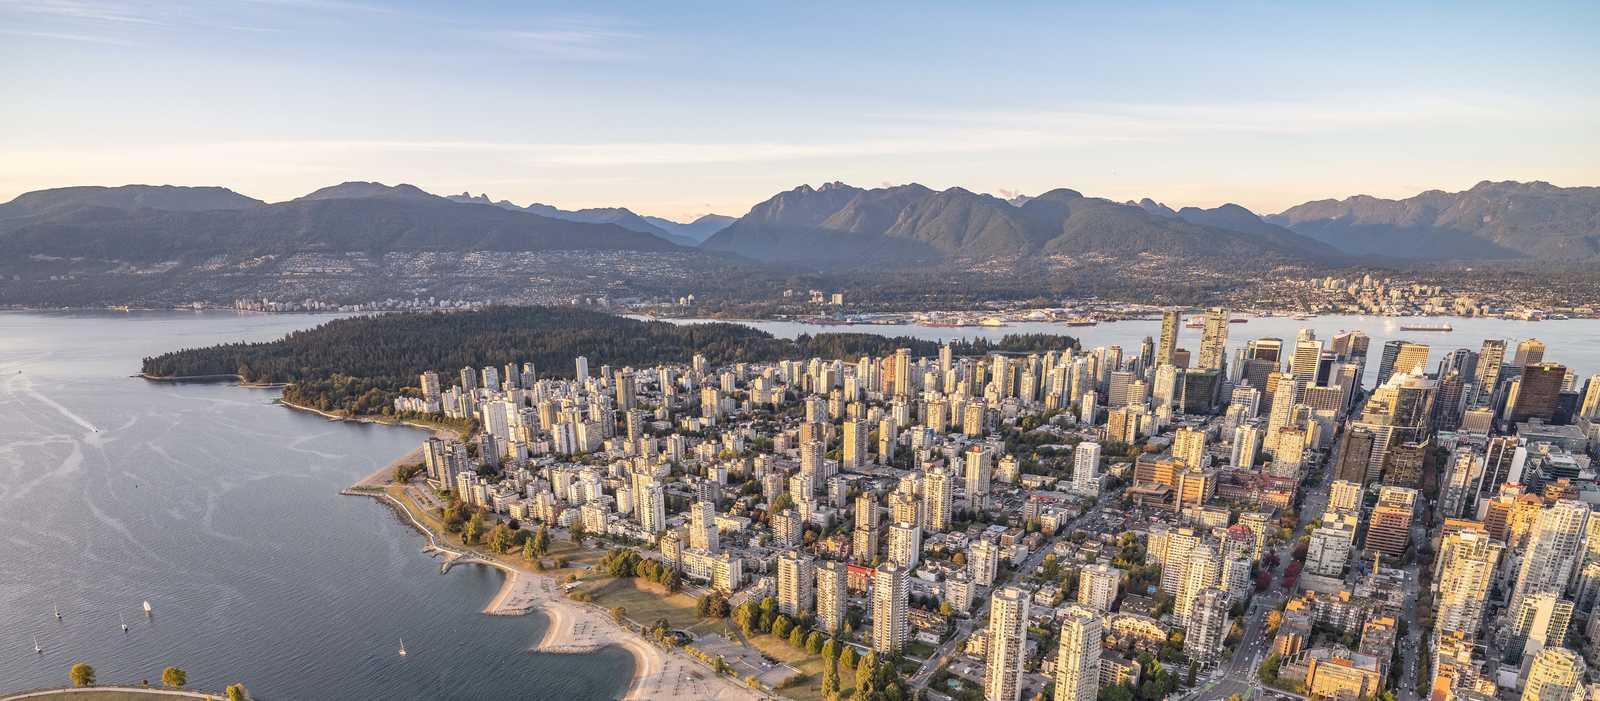 Aussicht auf Downtown Vancouver, den Stanley Park und die Coast Mauntains